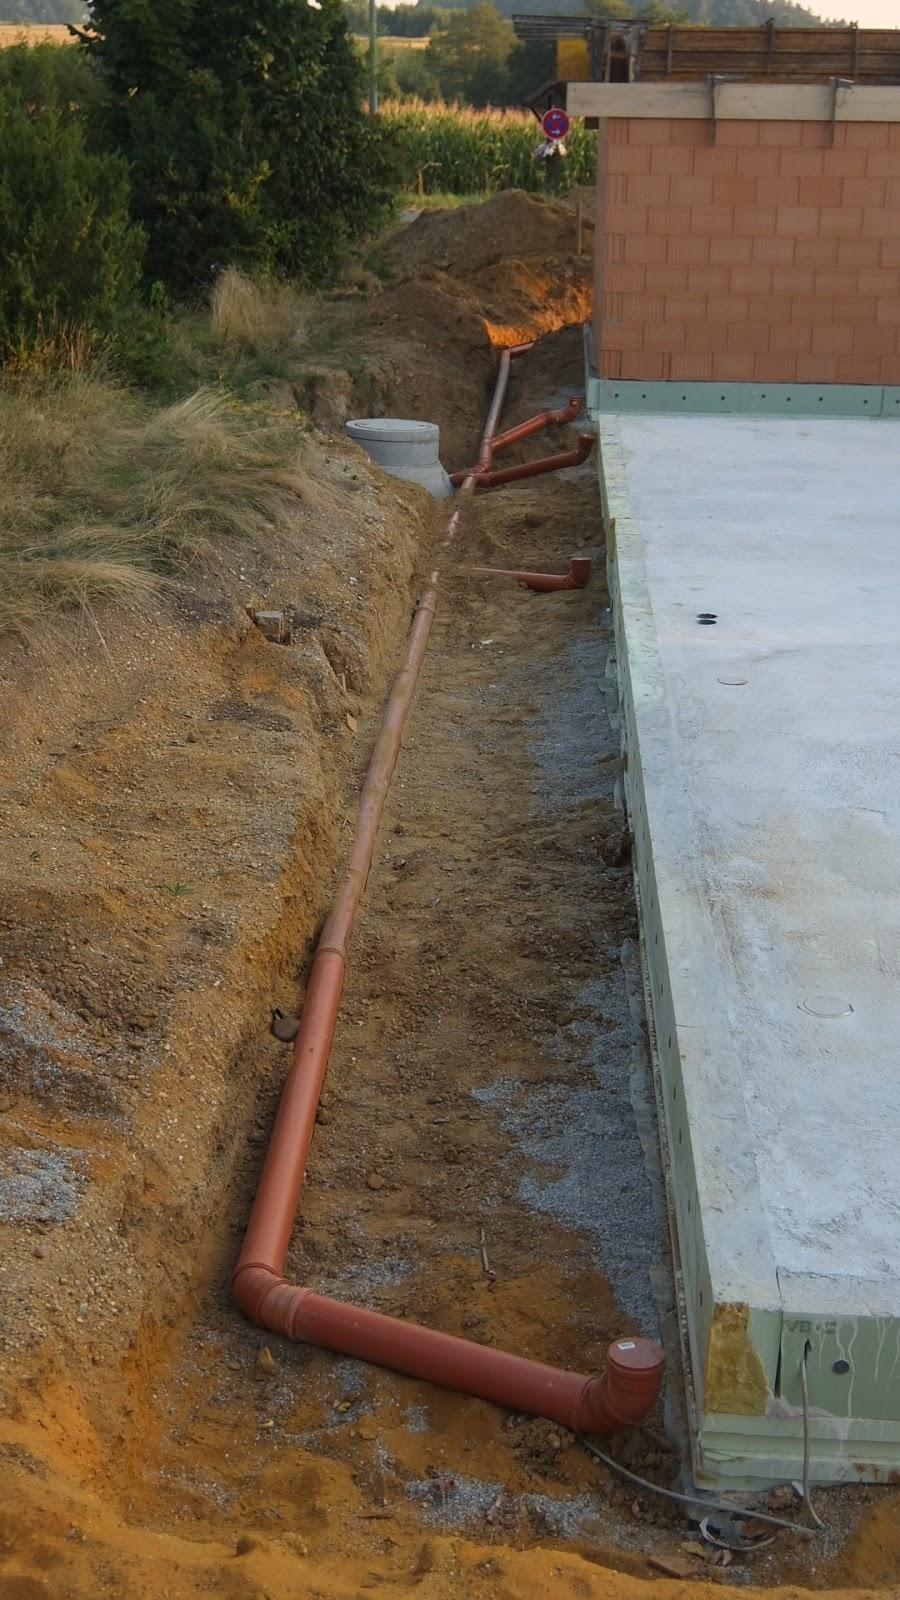 Gut bekannt AuA's Baublog: Regenwasserrohre verlegt HO54